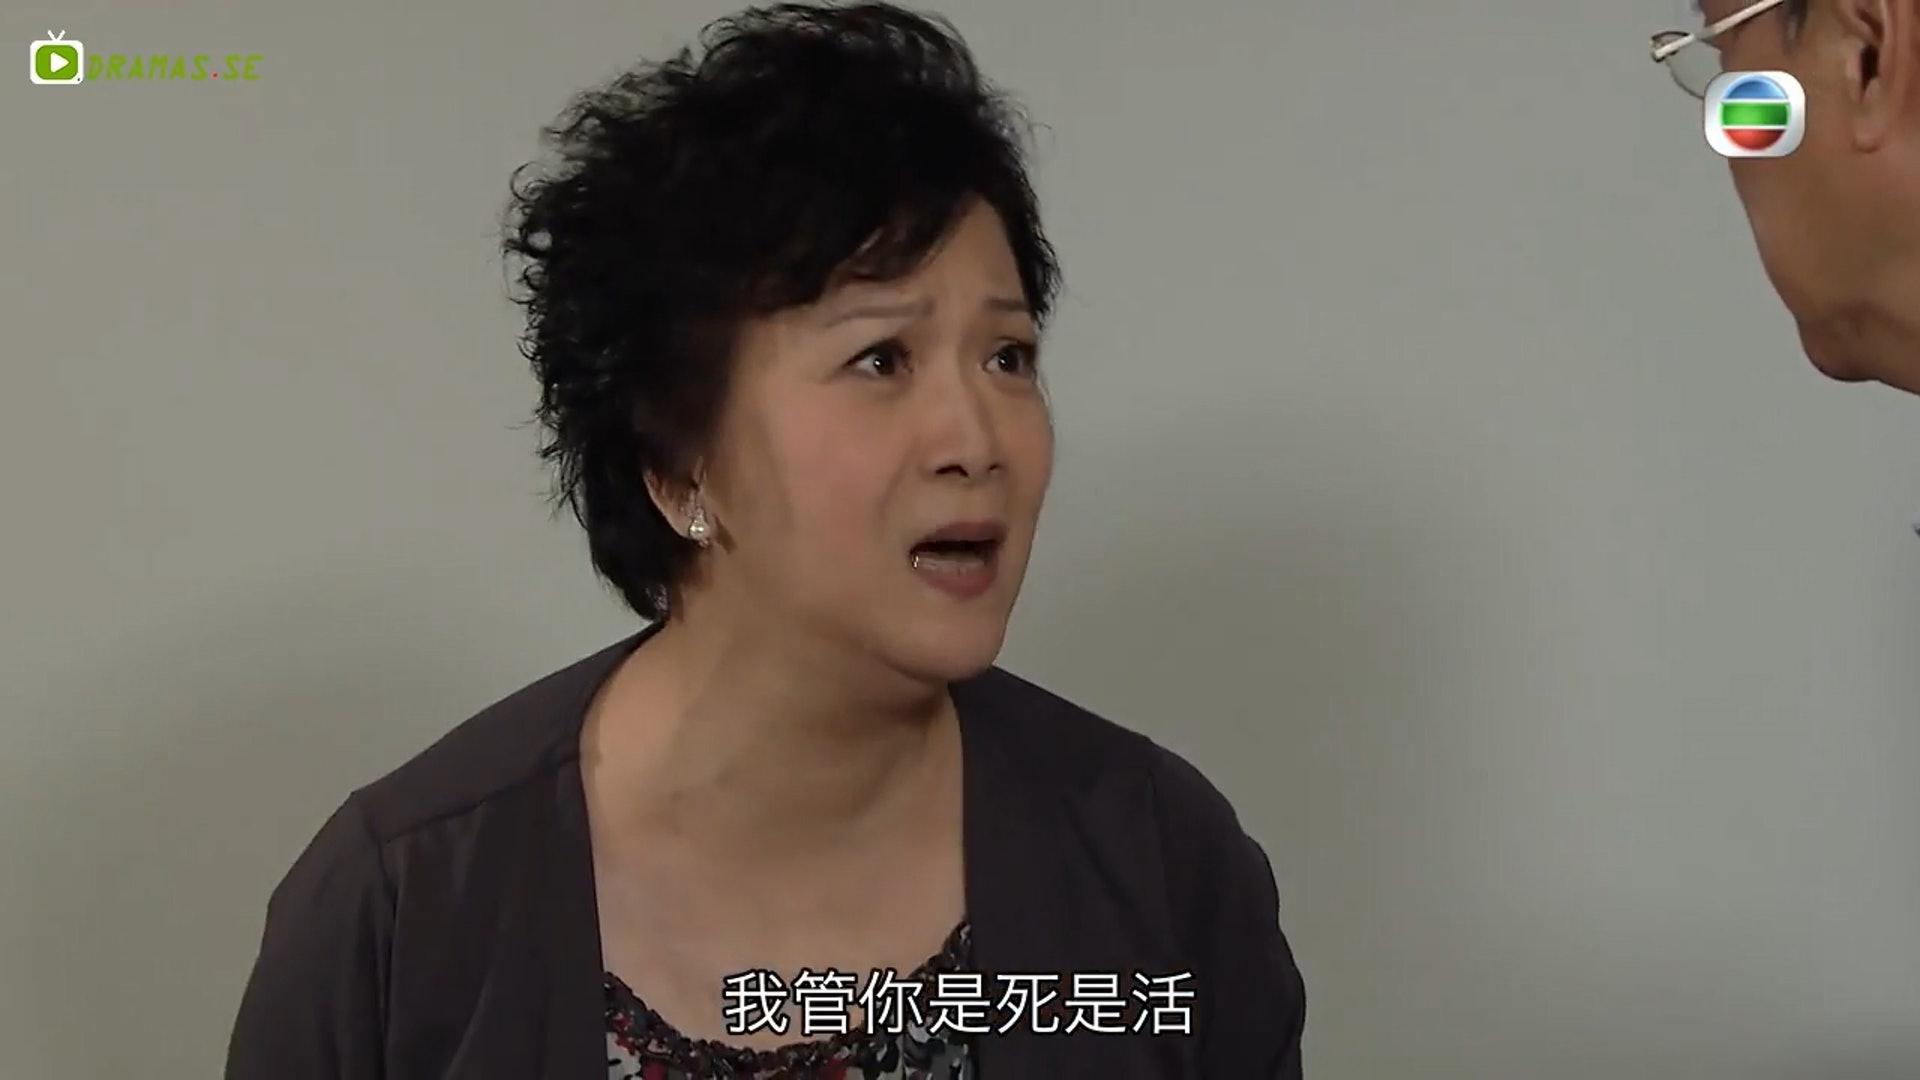 劉桂芳常飾演潑辣角色。(《完美叛侶》截圖)